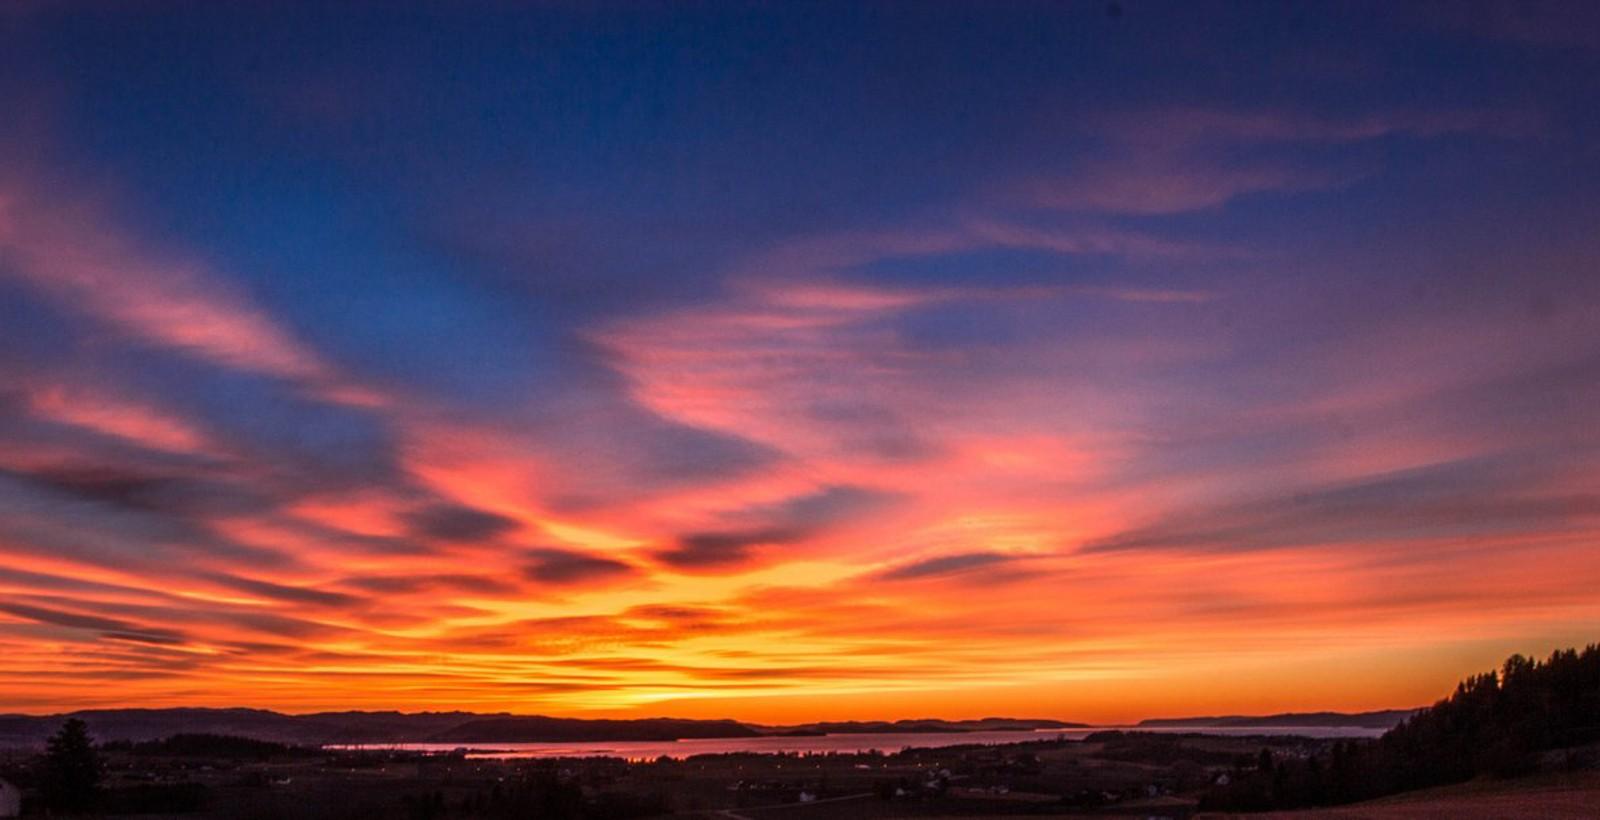 Solnedgang over Trondheimsfjorden sett fra Volhaugen i Verdal